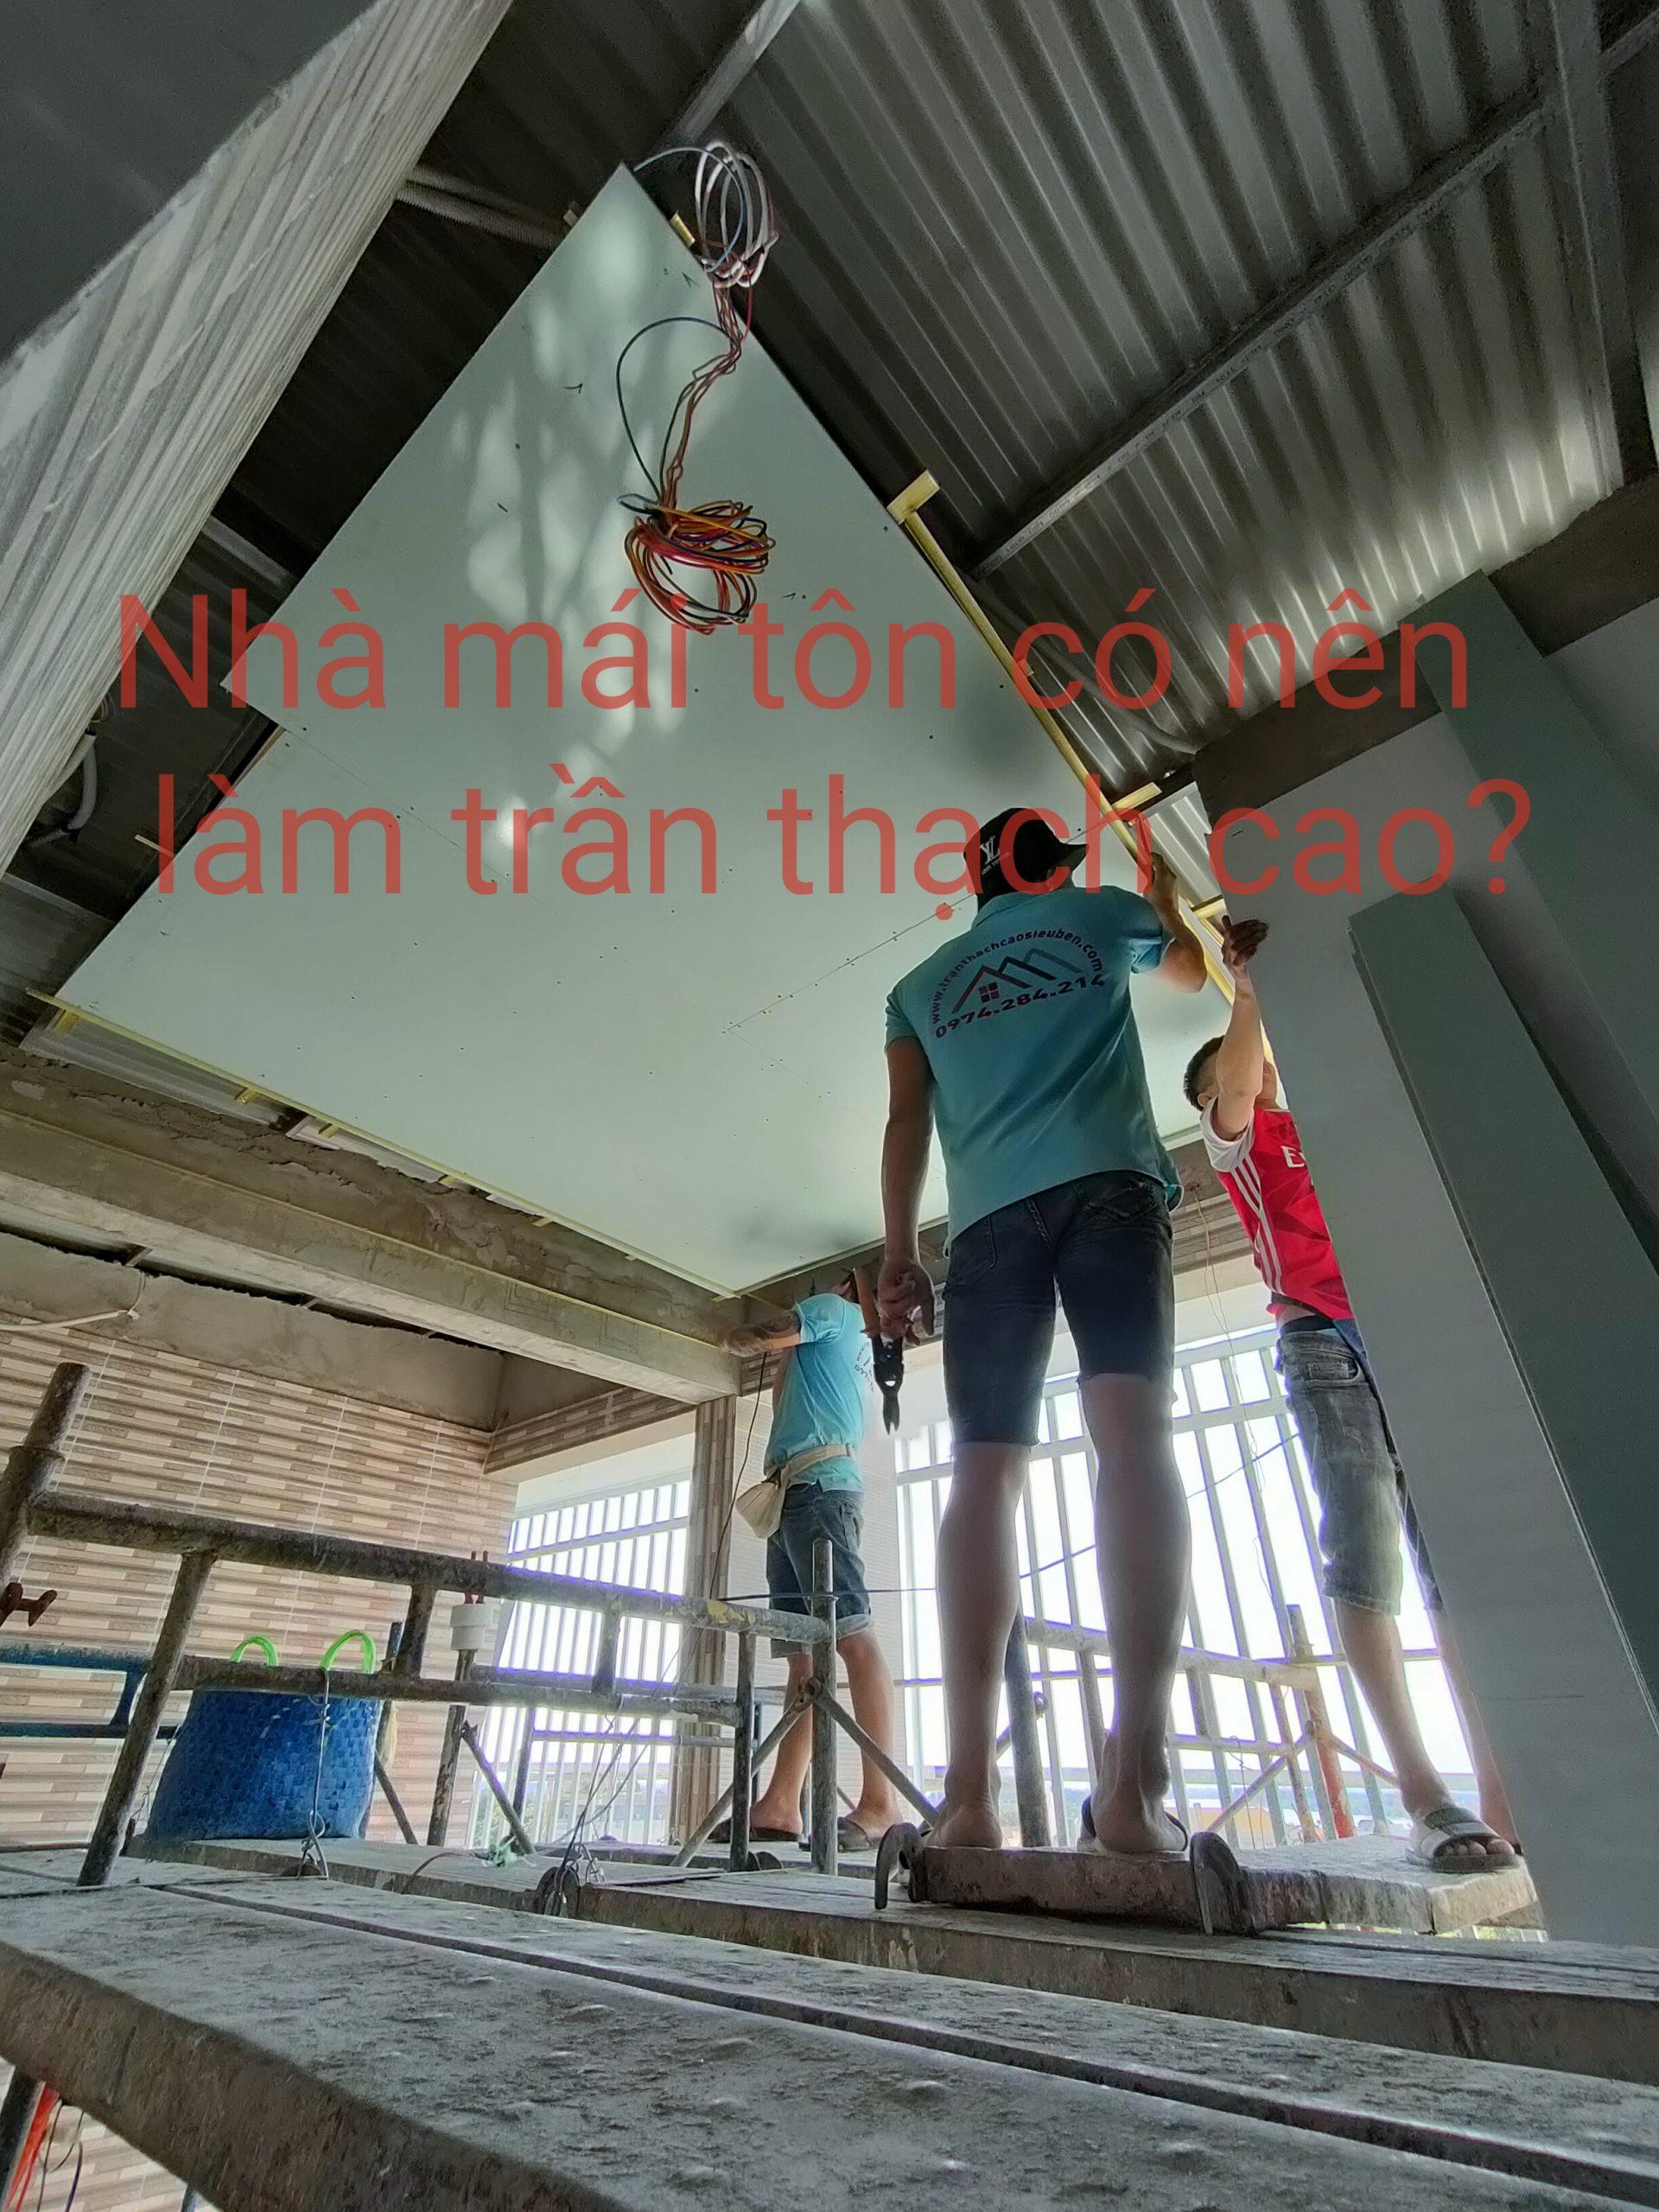 Nhà mái tôn có nên làm trần thạch cao